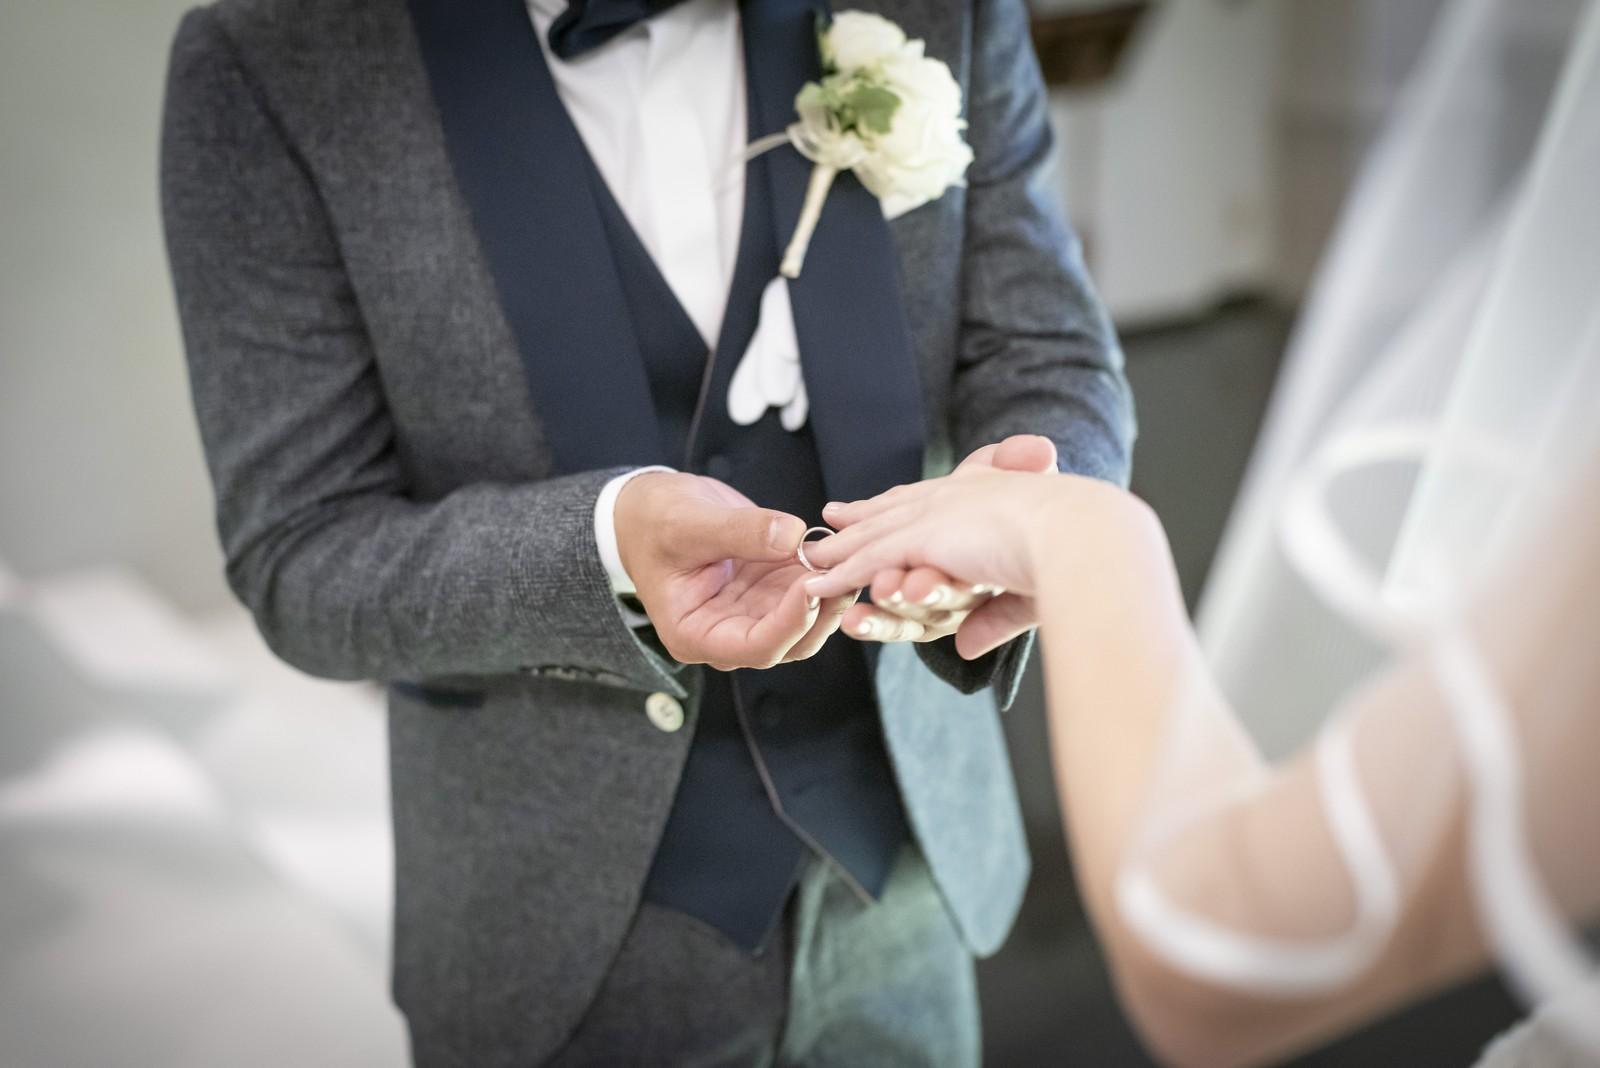 香川県の結婚式場シェルエメール&アイスタイルの指輪の交換